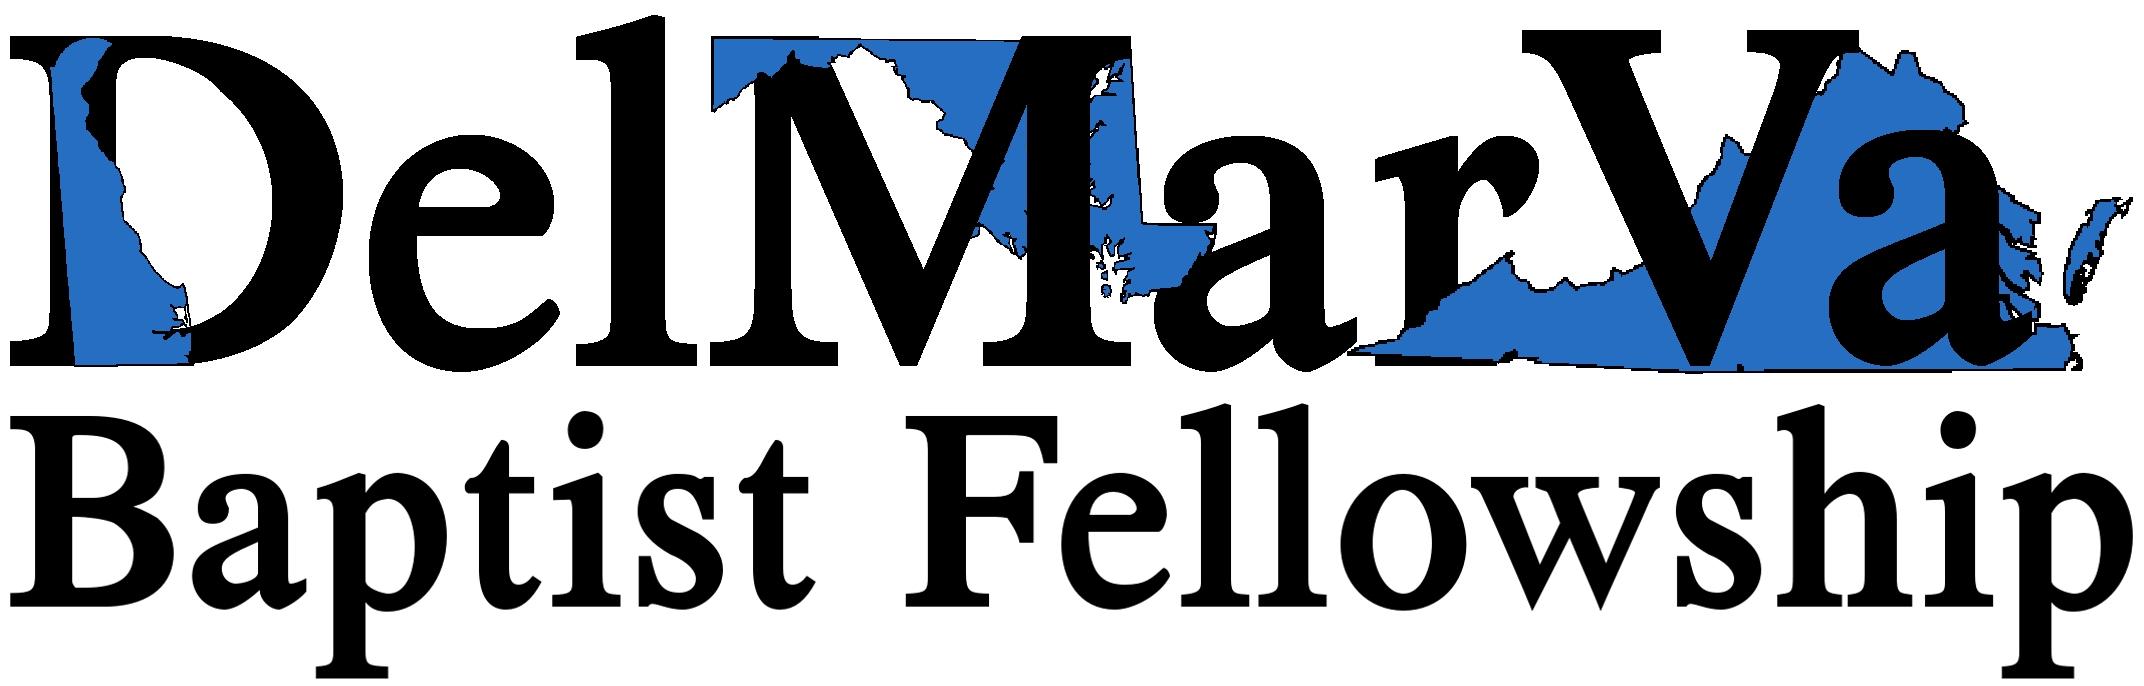 DelMarVa Baptist Fellowship